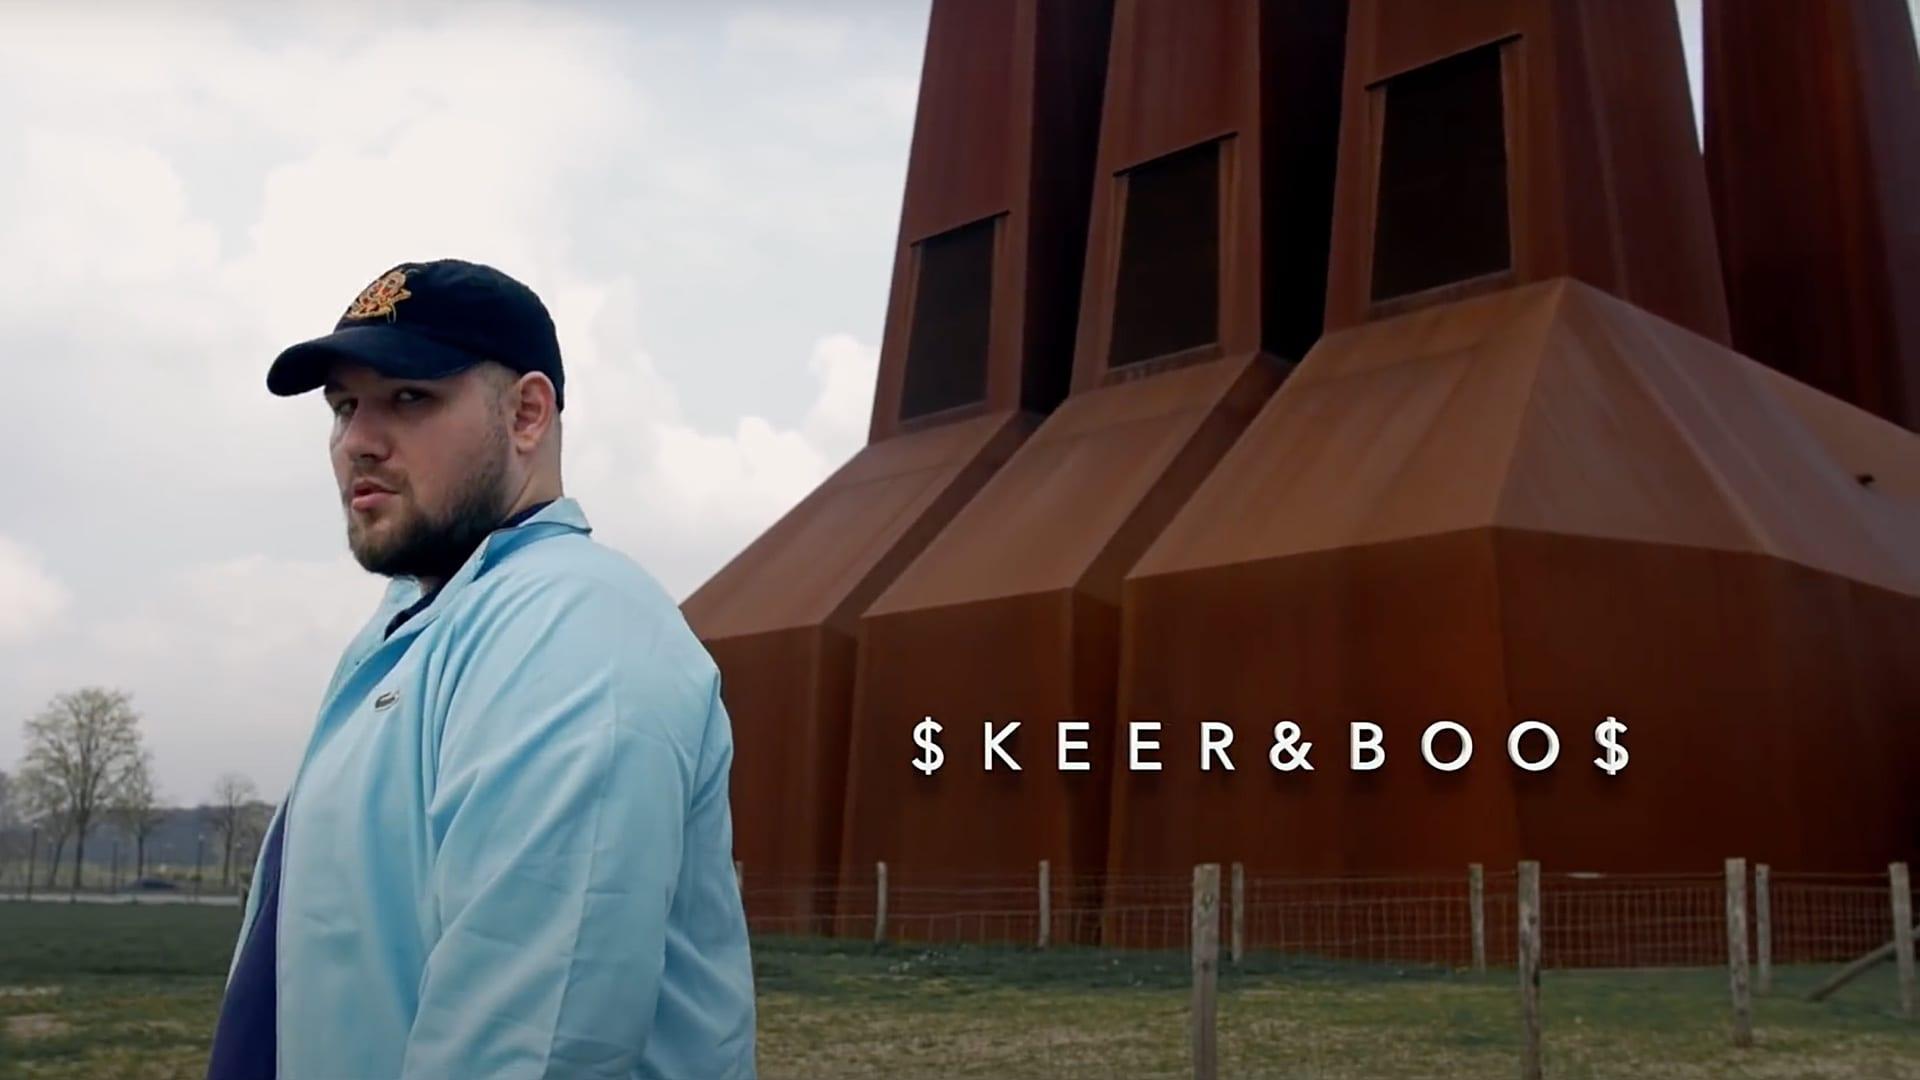 SKAV&BOOS - SKEER